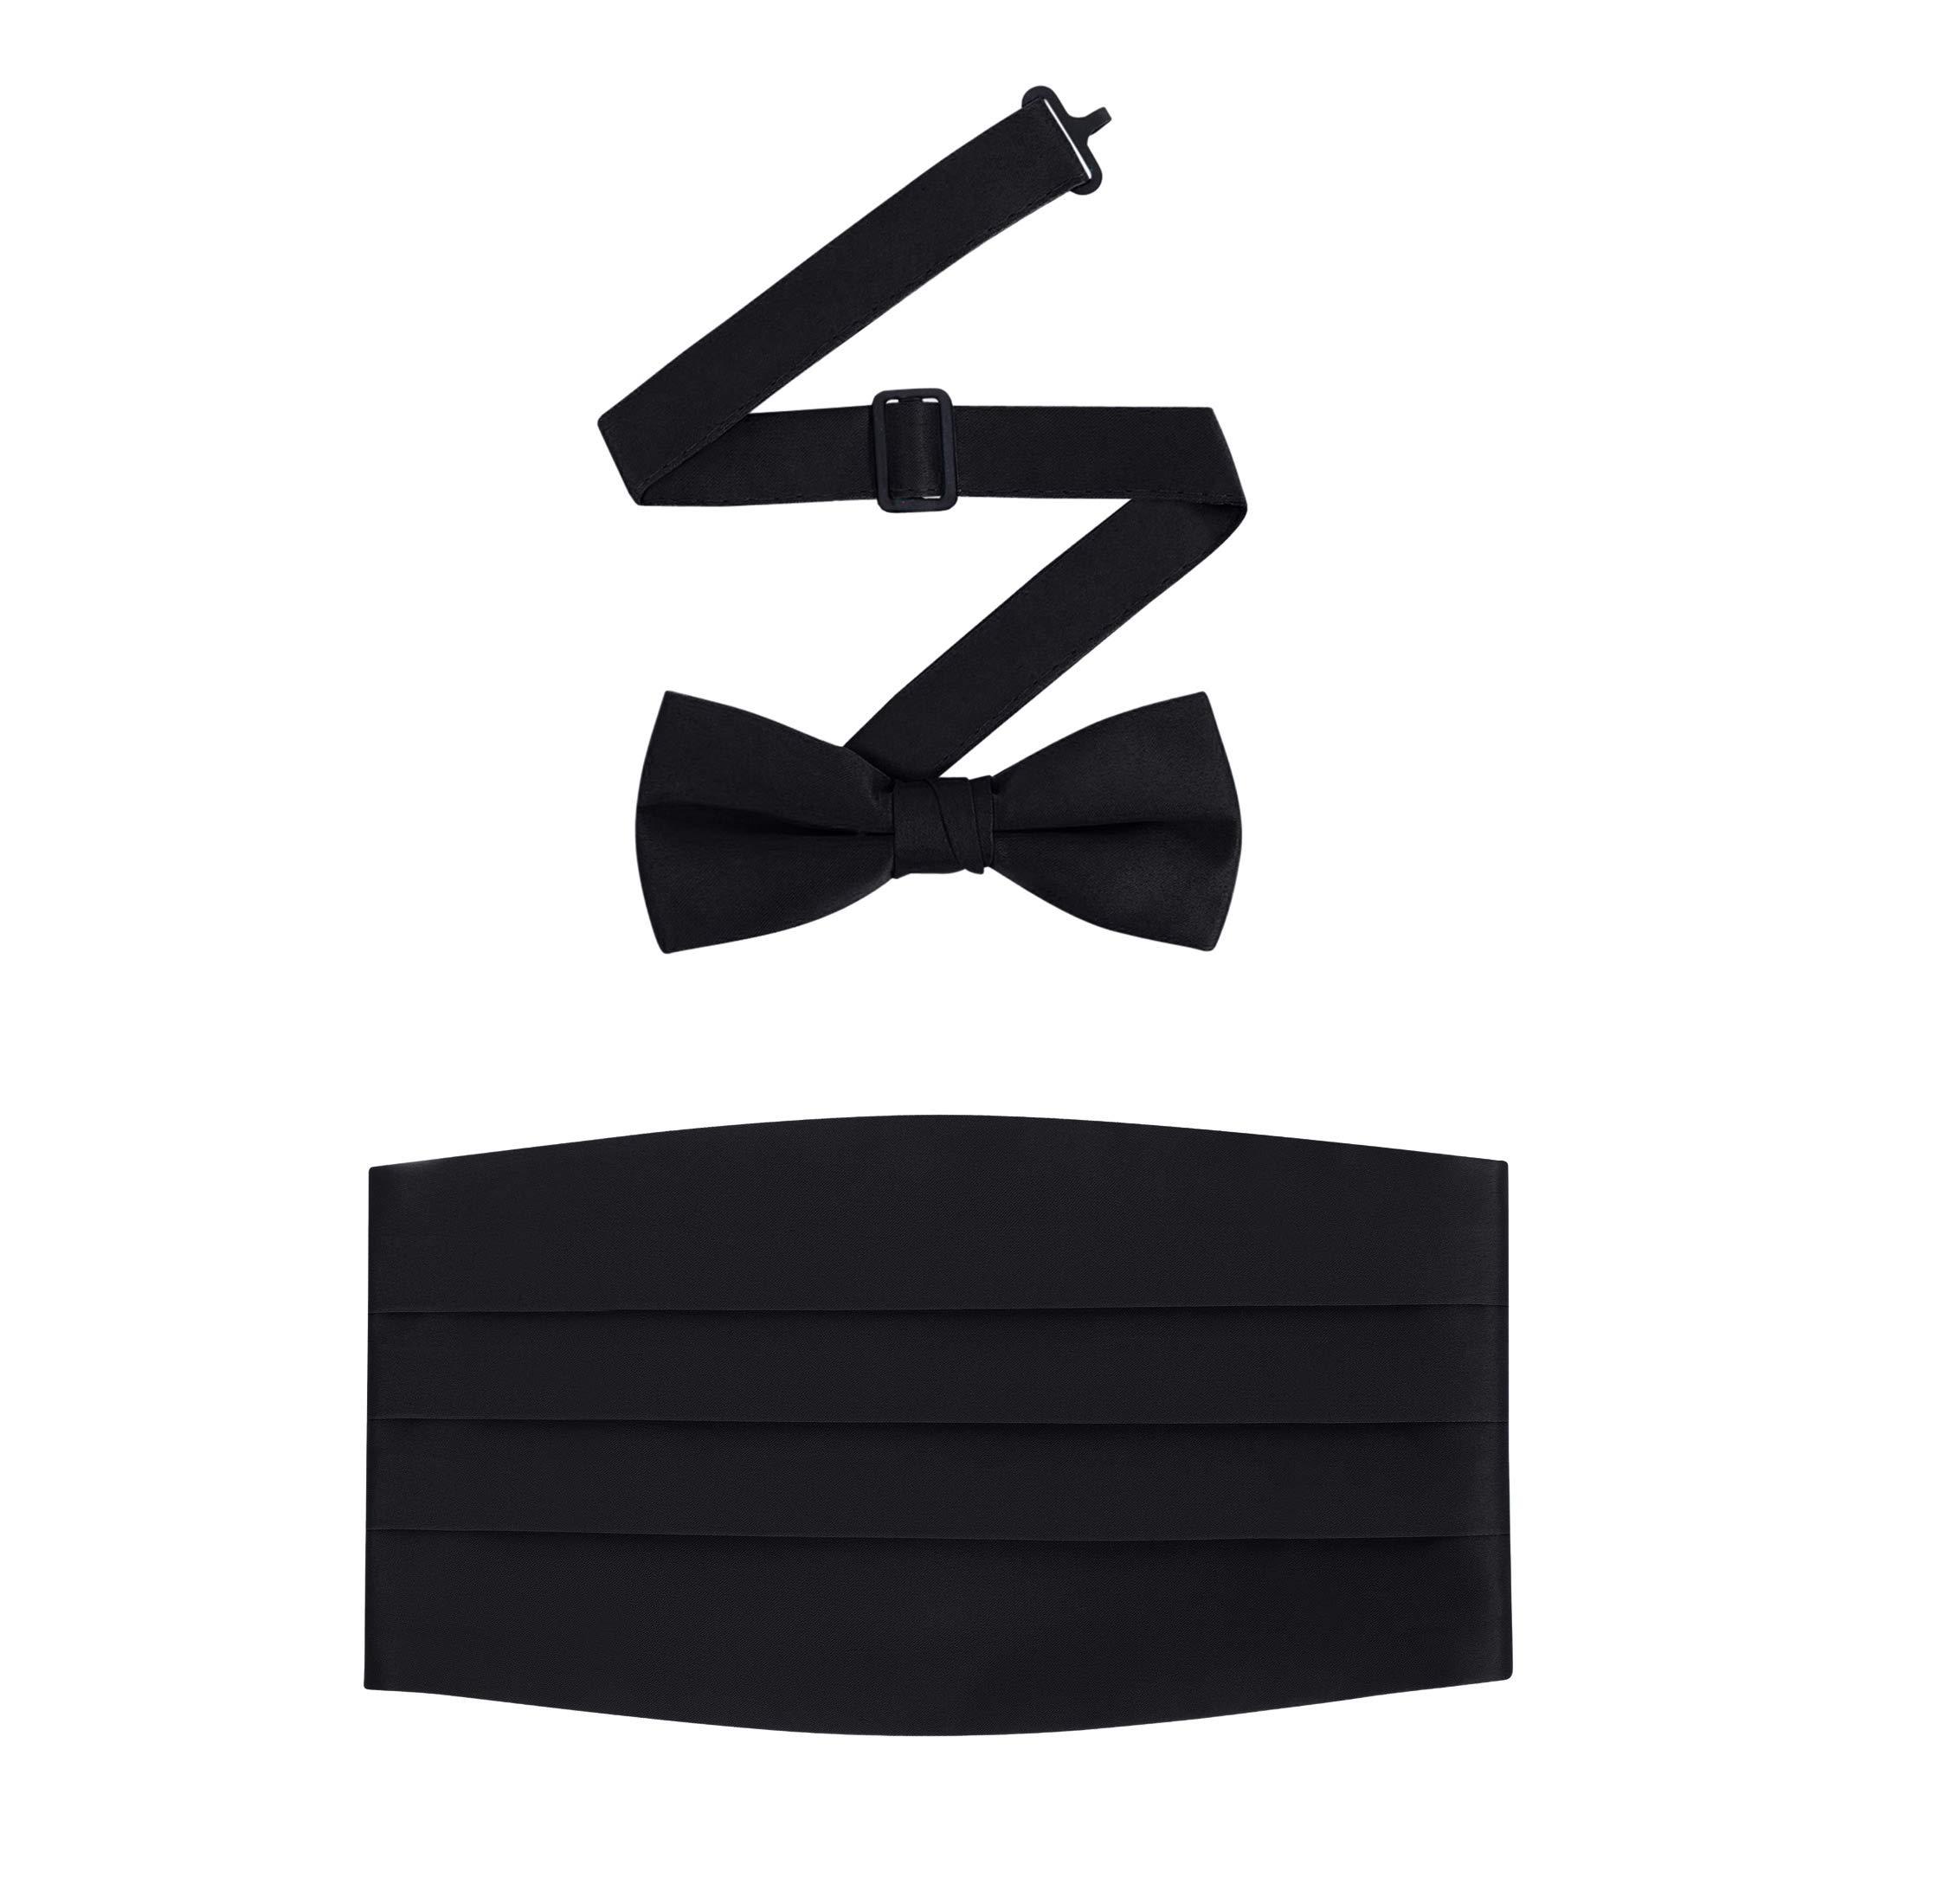 Men's Formal Satin Bowtie and Cummerbund Set - Black, By S.H Churchill